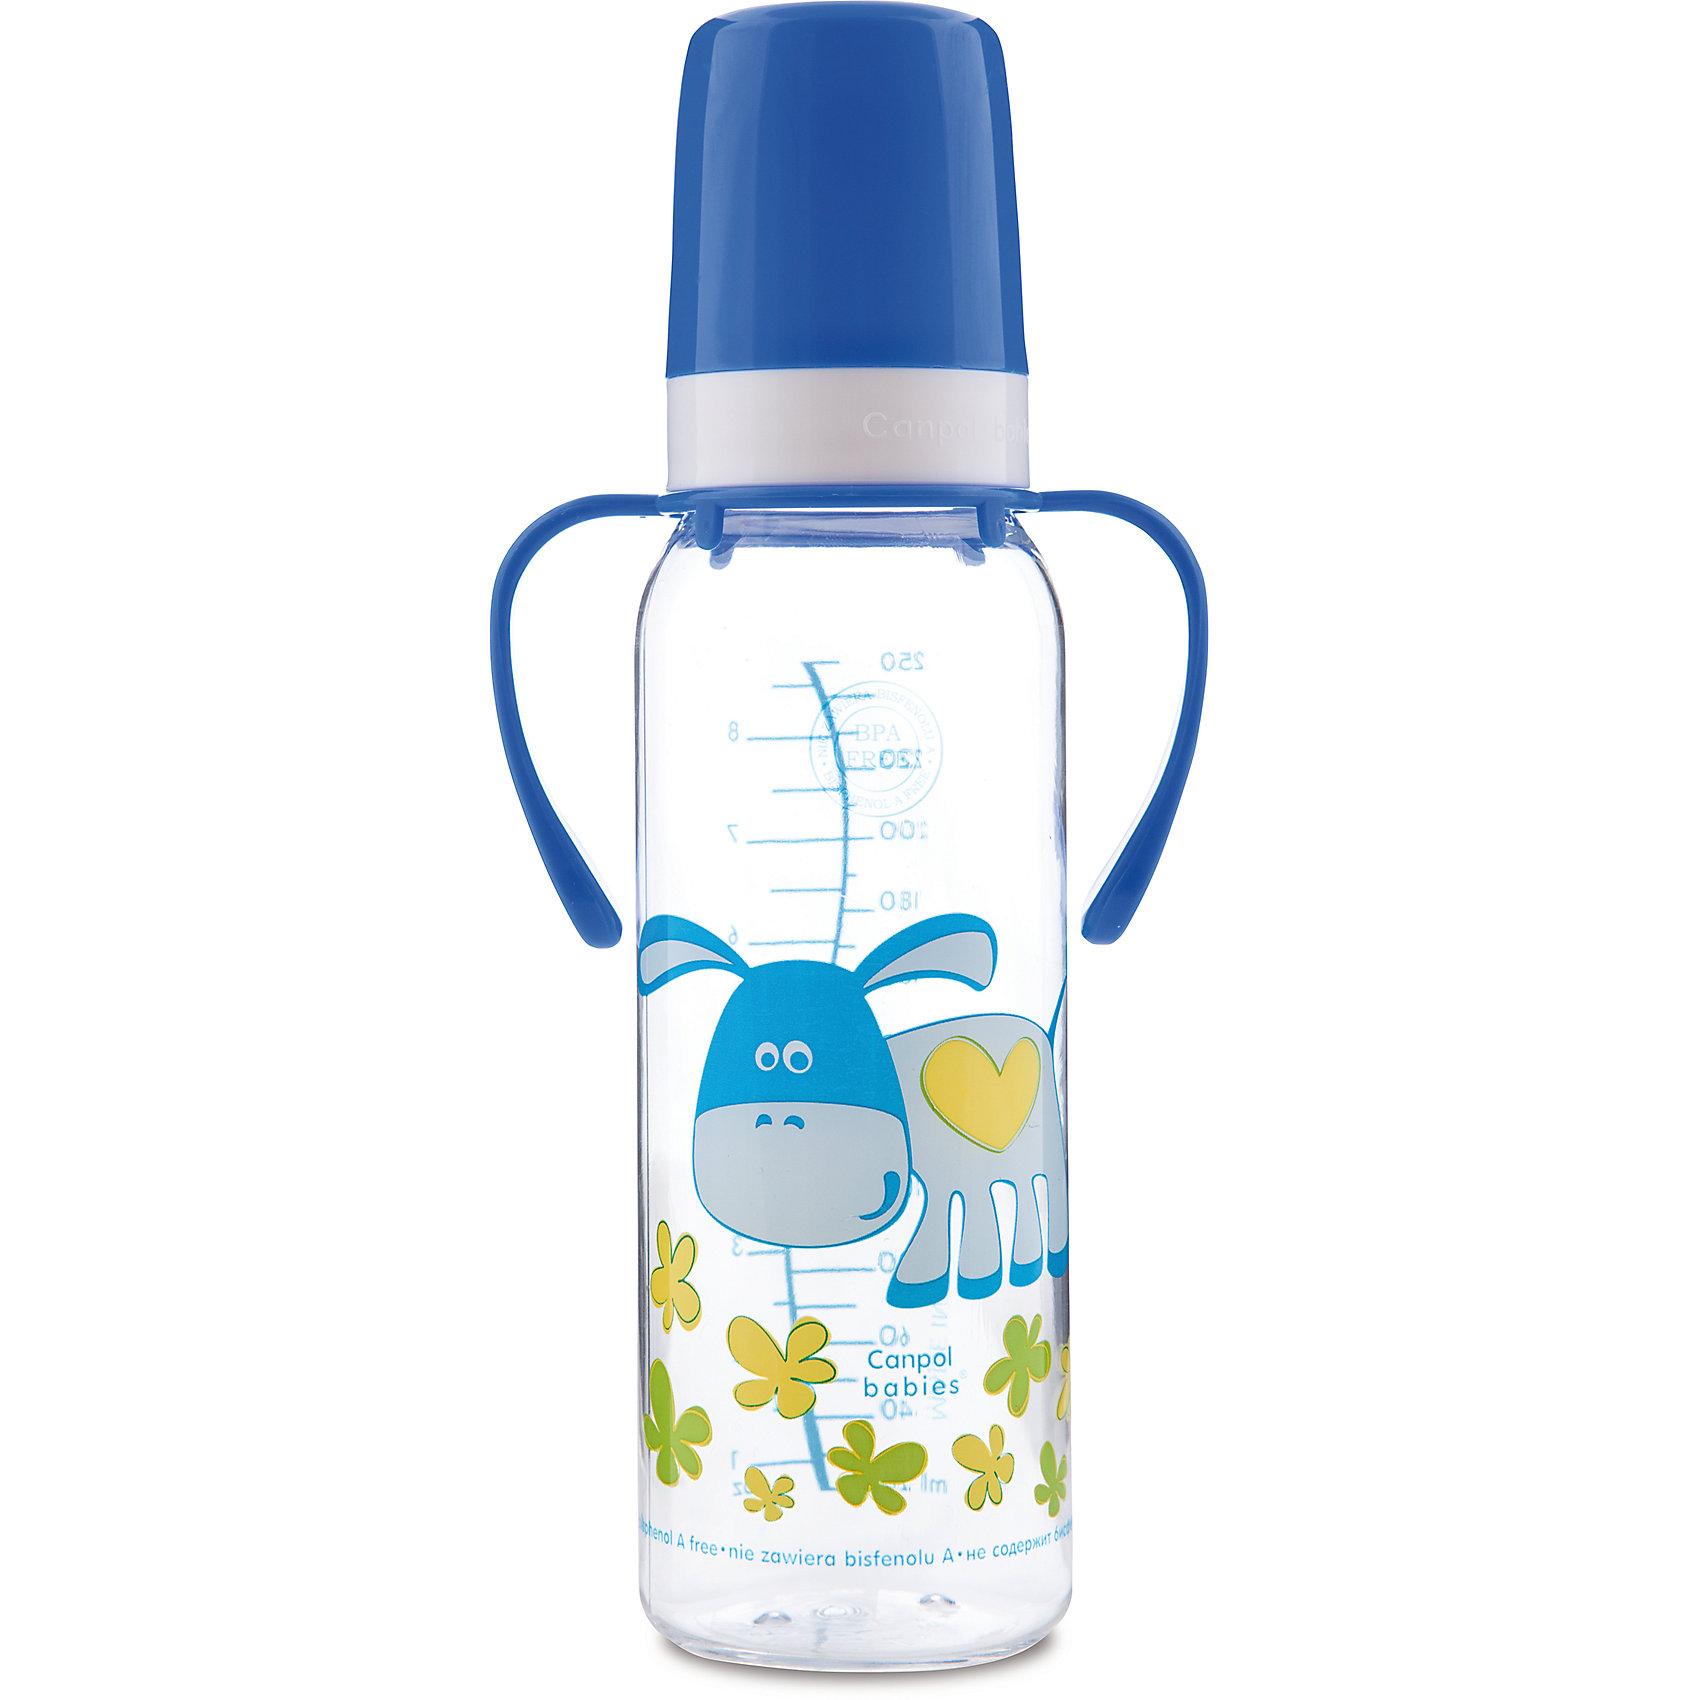 Бутылочка тритановая Ослик 250 мл. 12+ Cheerful animals, Canpol BabiesБутылочка тритановая (BPA 0%) с ручками с сил. соской, 250 мл. 12+, Cheerful animals Canpol Babies, (Канпол Бейбис), ослик.<br><br>Характеристики: <br><br>• Объем бутылочки: 250 мл.<br>• Материал бутылочки: тритан - пластик нового поколения.<br>• Материал соски: силикон.<br>• Цвет :синий.<br>• Удобные ручки.<br>Бутылочка тритановая (BPA 0%) с ручками с сил. соской, 250 мл. 12+, Canpol Babies, (Канпол Бейбис) , ослик имеет классическую форму и снабжена ручками. Удобна в использовании дома и в дороге. Бутылочка выполнена из безопасного качественного материала - тритана, который хорошо держит тепло, снабжена силиконовой соской и защитным колпачком, имеет удобную мерную шкалу.  Такую бутылочку и все части можно кипятить в воде или стерилизовать с помощью специального прибора. Не впитывает запахи. По мере взросления малыш сможет самостоятельно пить из бутылочки, держа  ее за удобные ручки. Бутылочка украшена забавным принтом в виде ослика.<br>Бутылочку тритановая (BPA 0%) с ручками с сил. соской, 250 мл. 12+, Cheerful animals Canpol Babies, (Канпол Бейбис), ослик  можно купить в нашем интернет- магазине.<br><br>Ширина мм: 87<br>Глубина мм: 55<br>Высота мм: 240<br>Вес г: 710<br>Возраст от месяцев: 12<br>Возраст до месяцев: 36<br>Пол: Унисекс<br>Возраст: Детский<br>SKU: 5156796